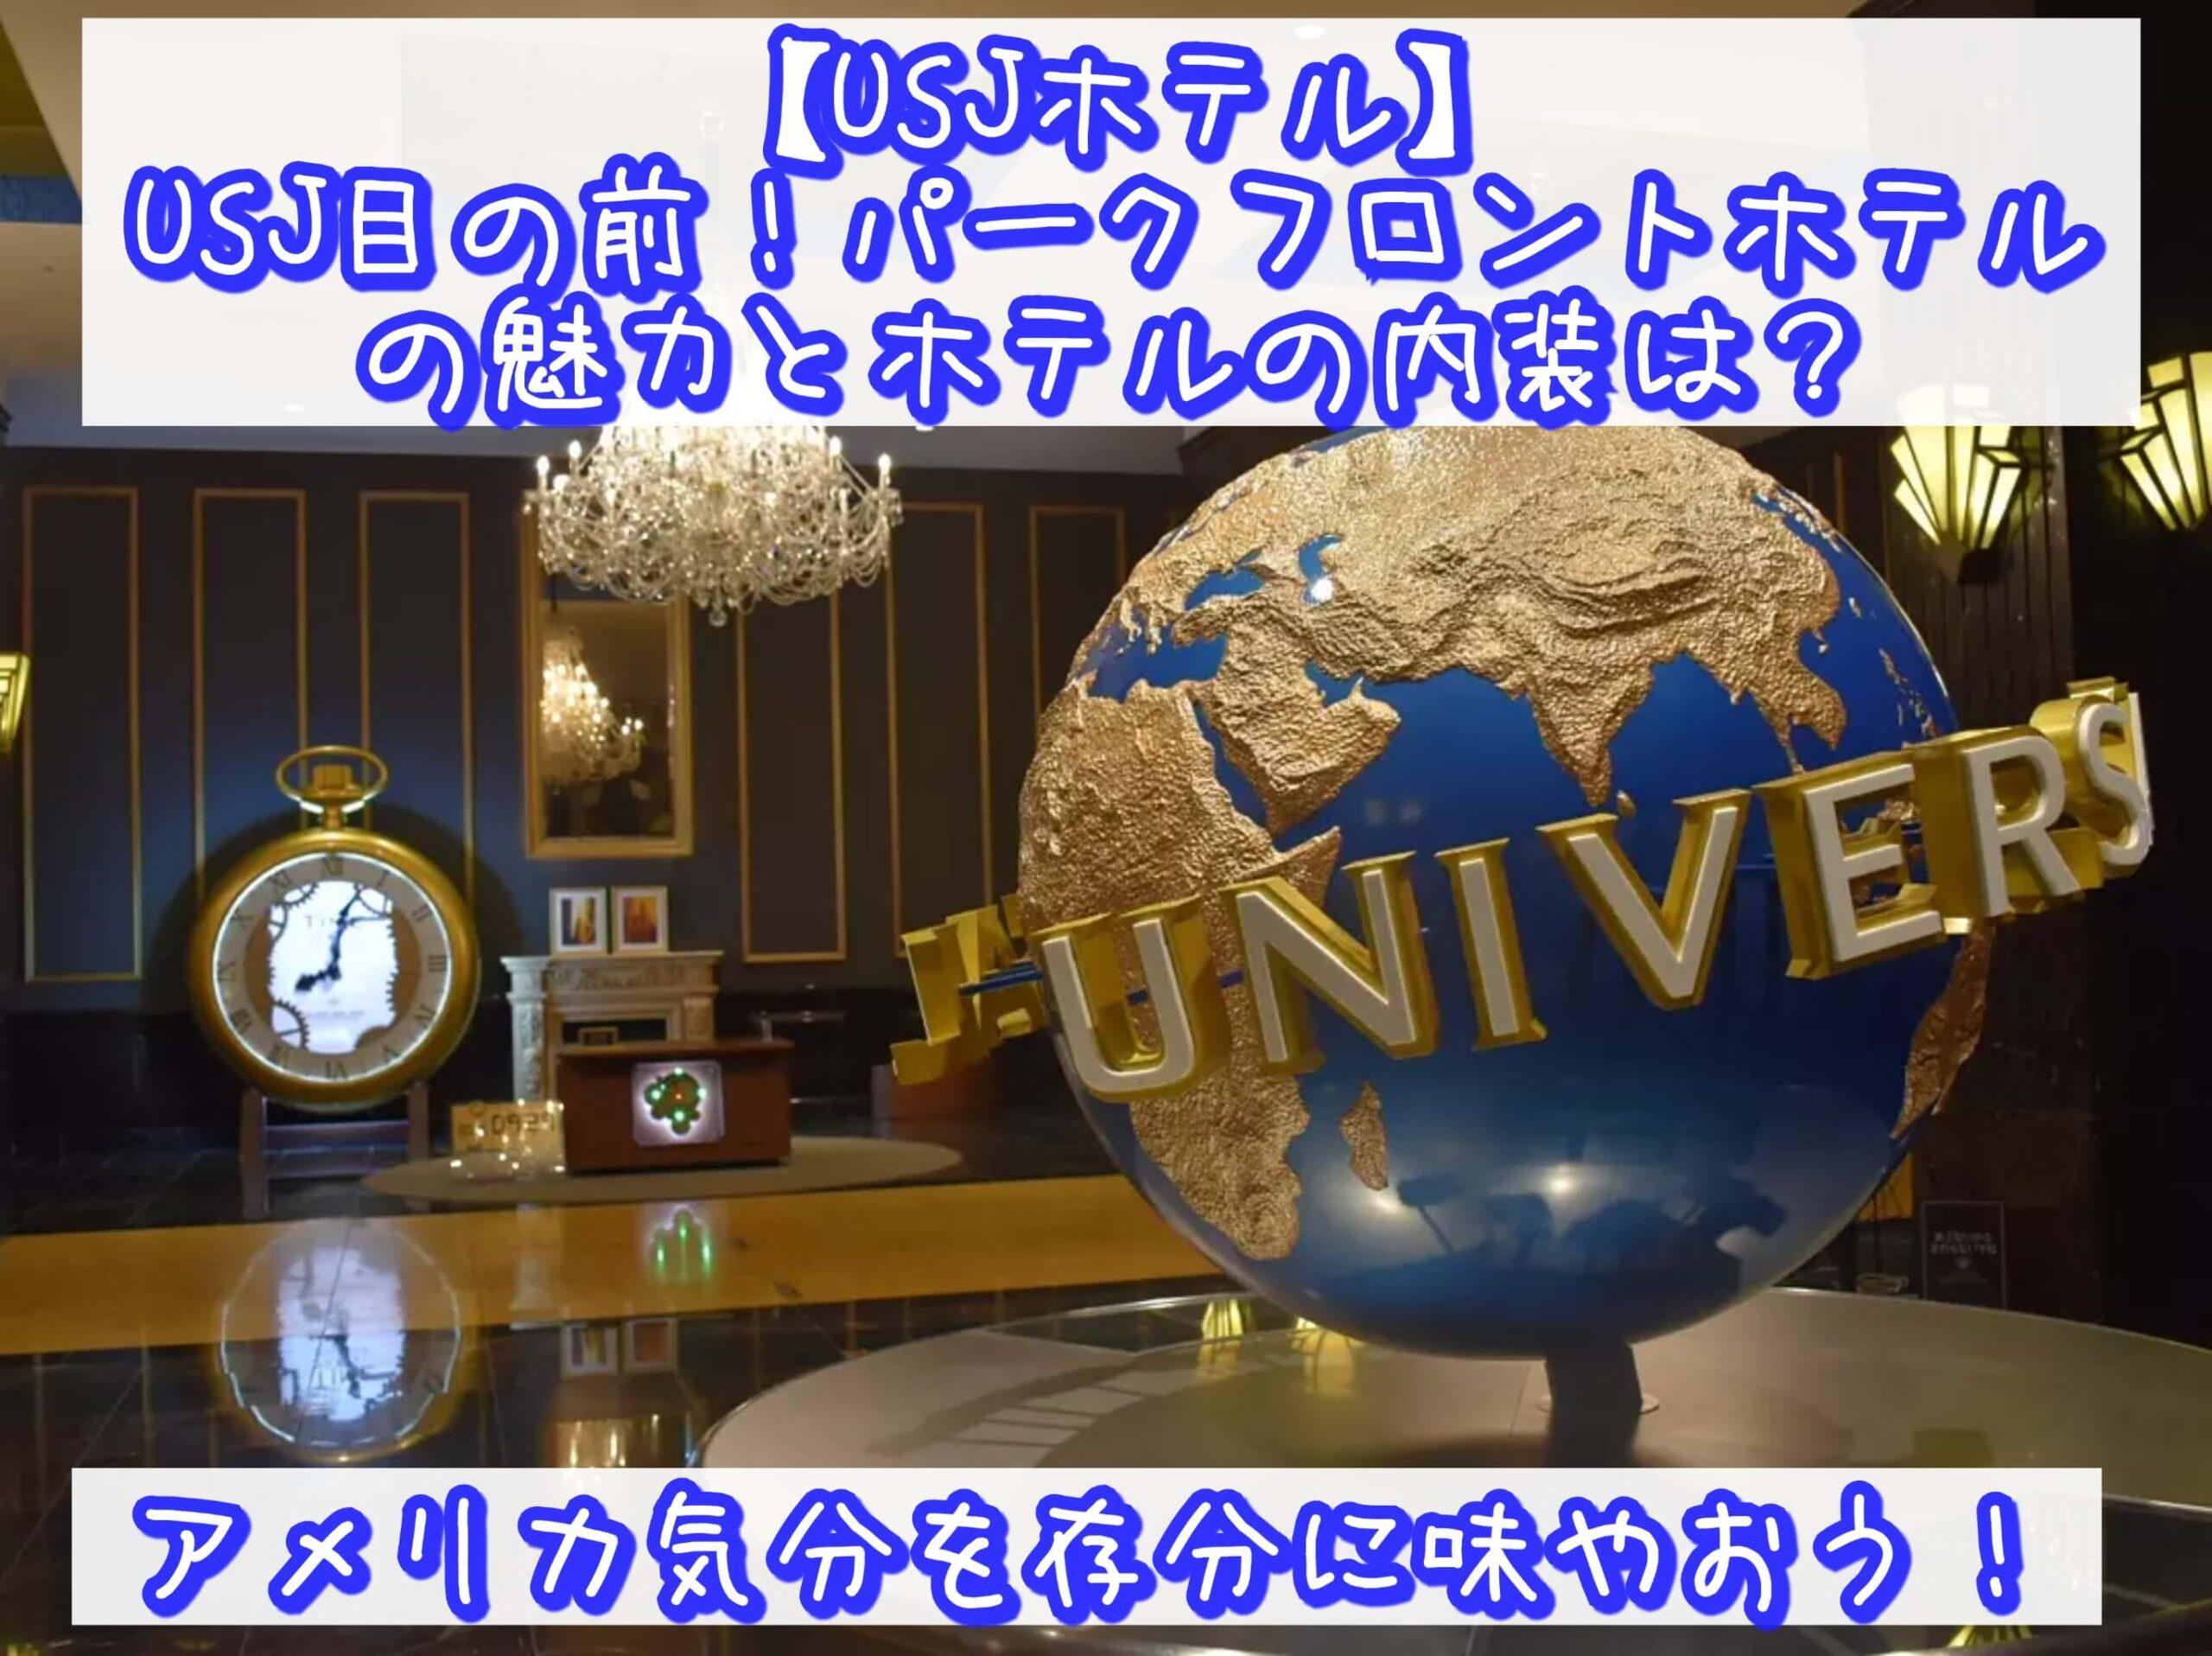 【USJホテル】USJ目の前!パークフロントホテルの魅力とホテルの内装は?アメリカ気分を存分に味わおう